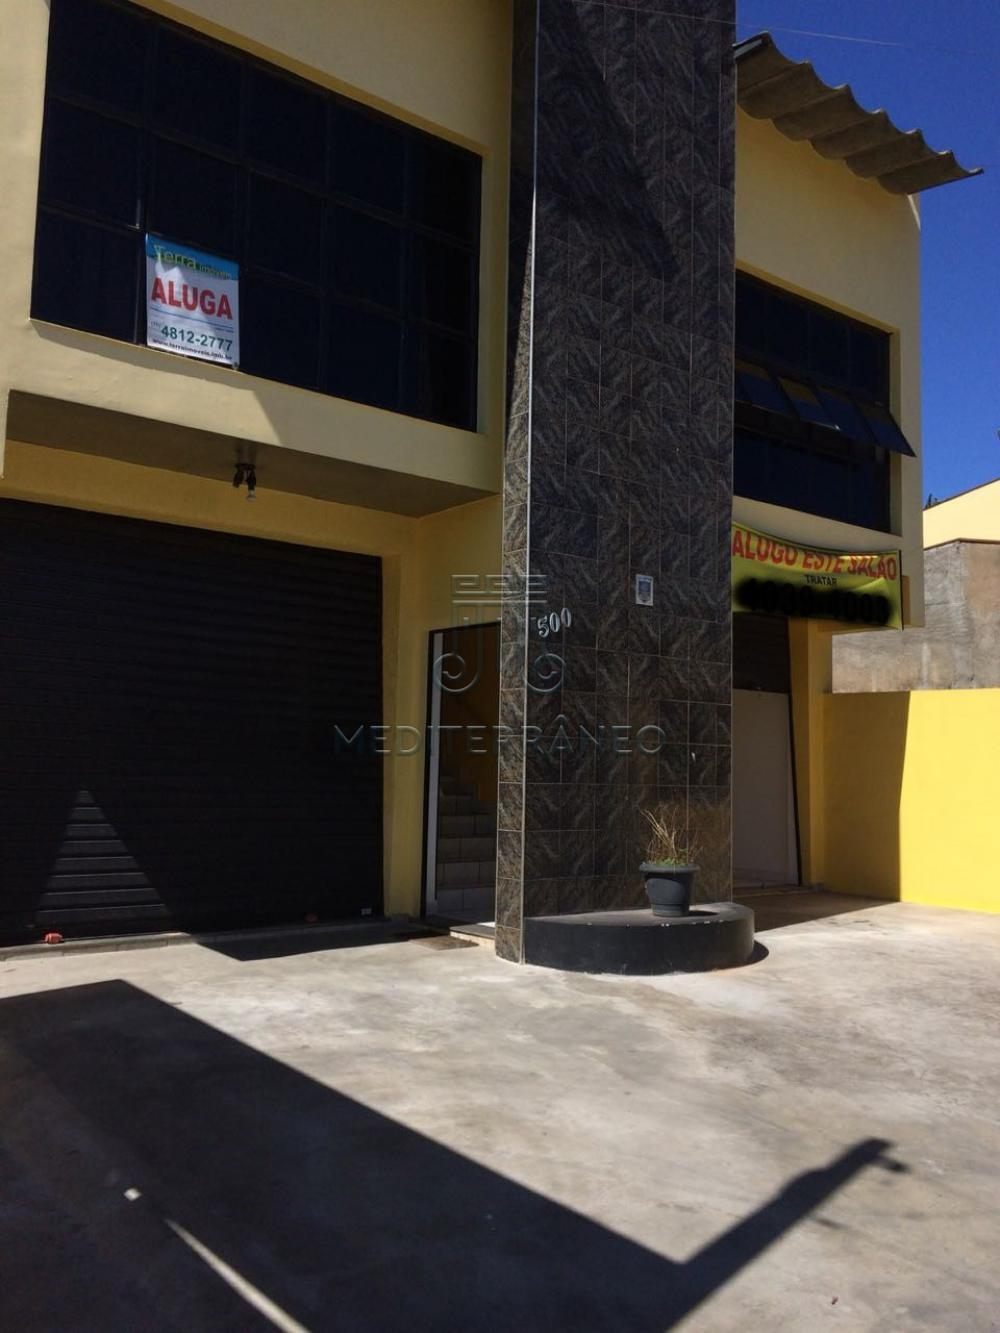 Alugar Comercial / Sala em Campo Limpo Paulista apenas R$ 700,00 - Foto 8